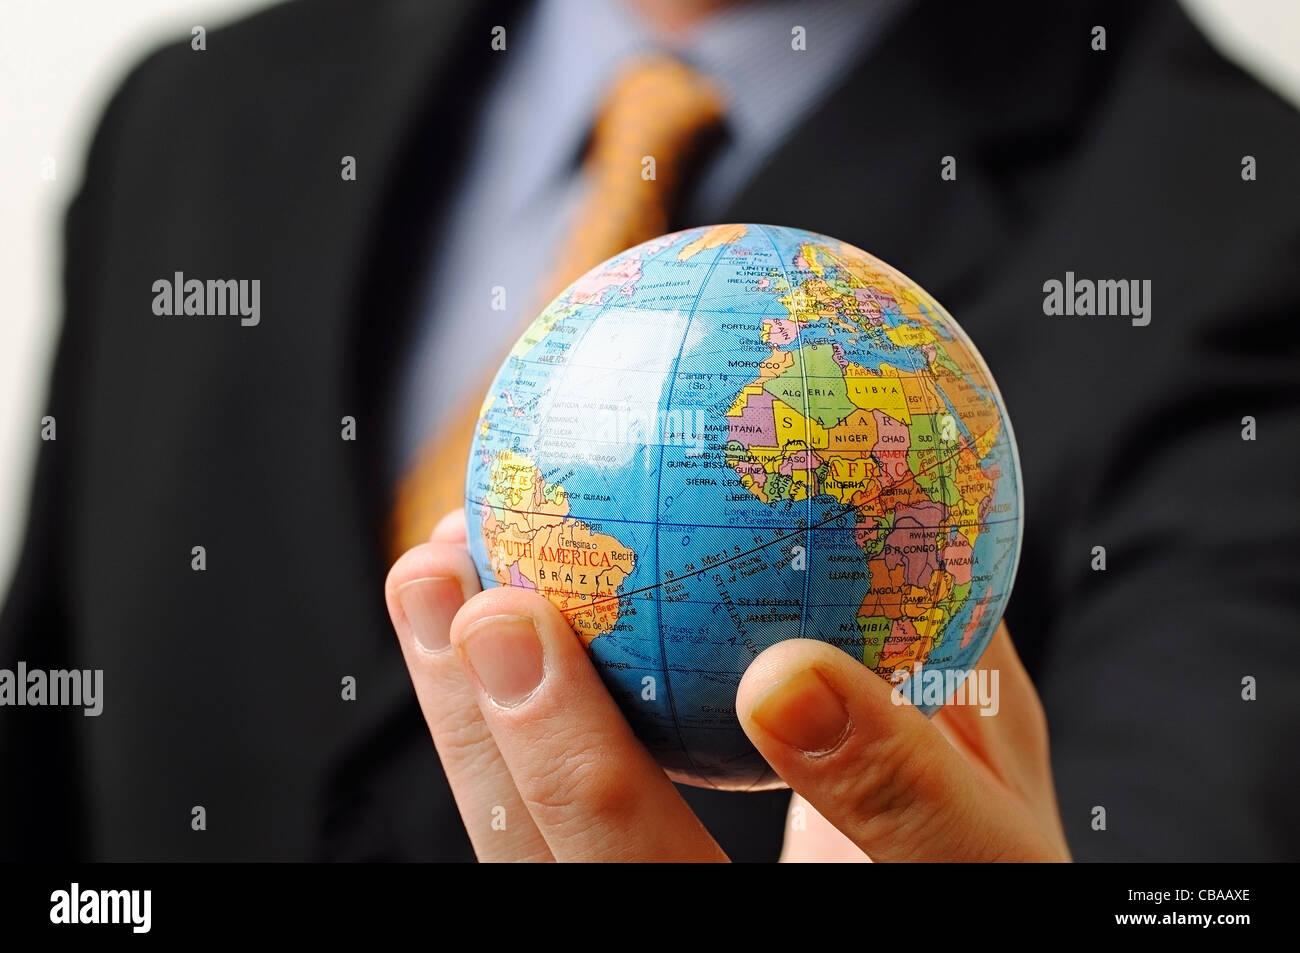 Empresario sosteniendo un globo en su mano, de cerca. Imagen De Stock